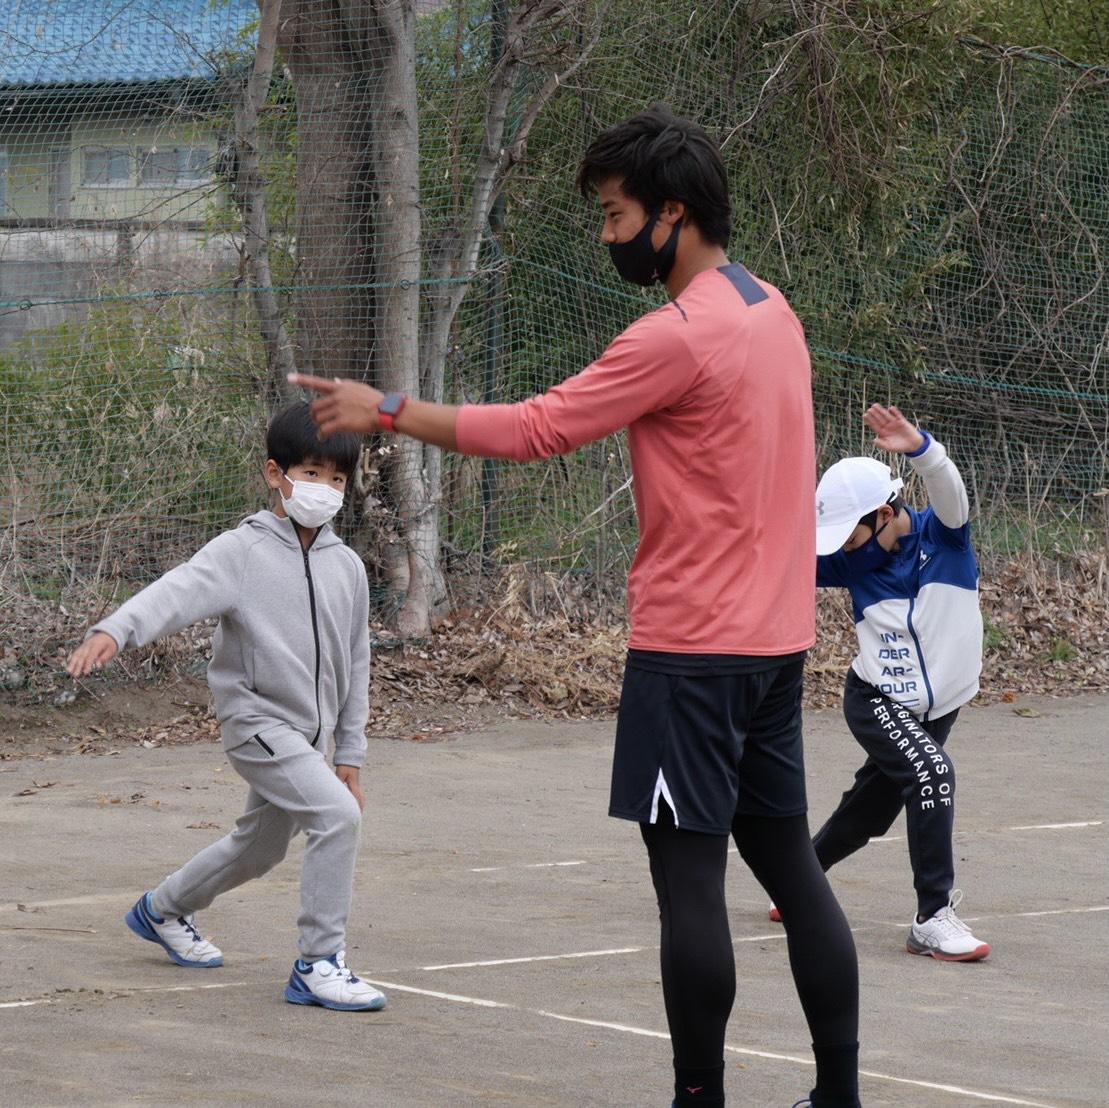 むさしの村ローンテニスクラブ交流会 住澤大輔プロとジュニア選手